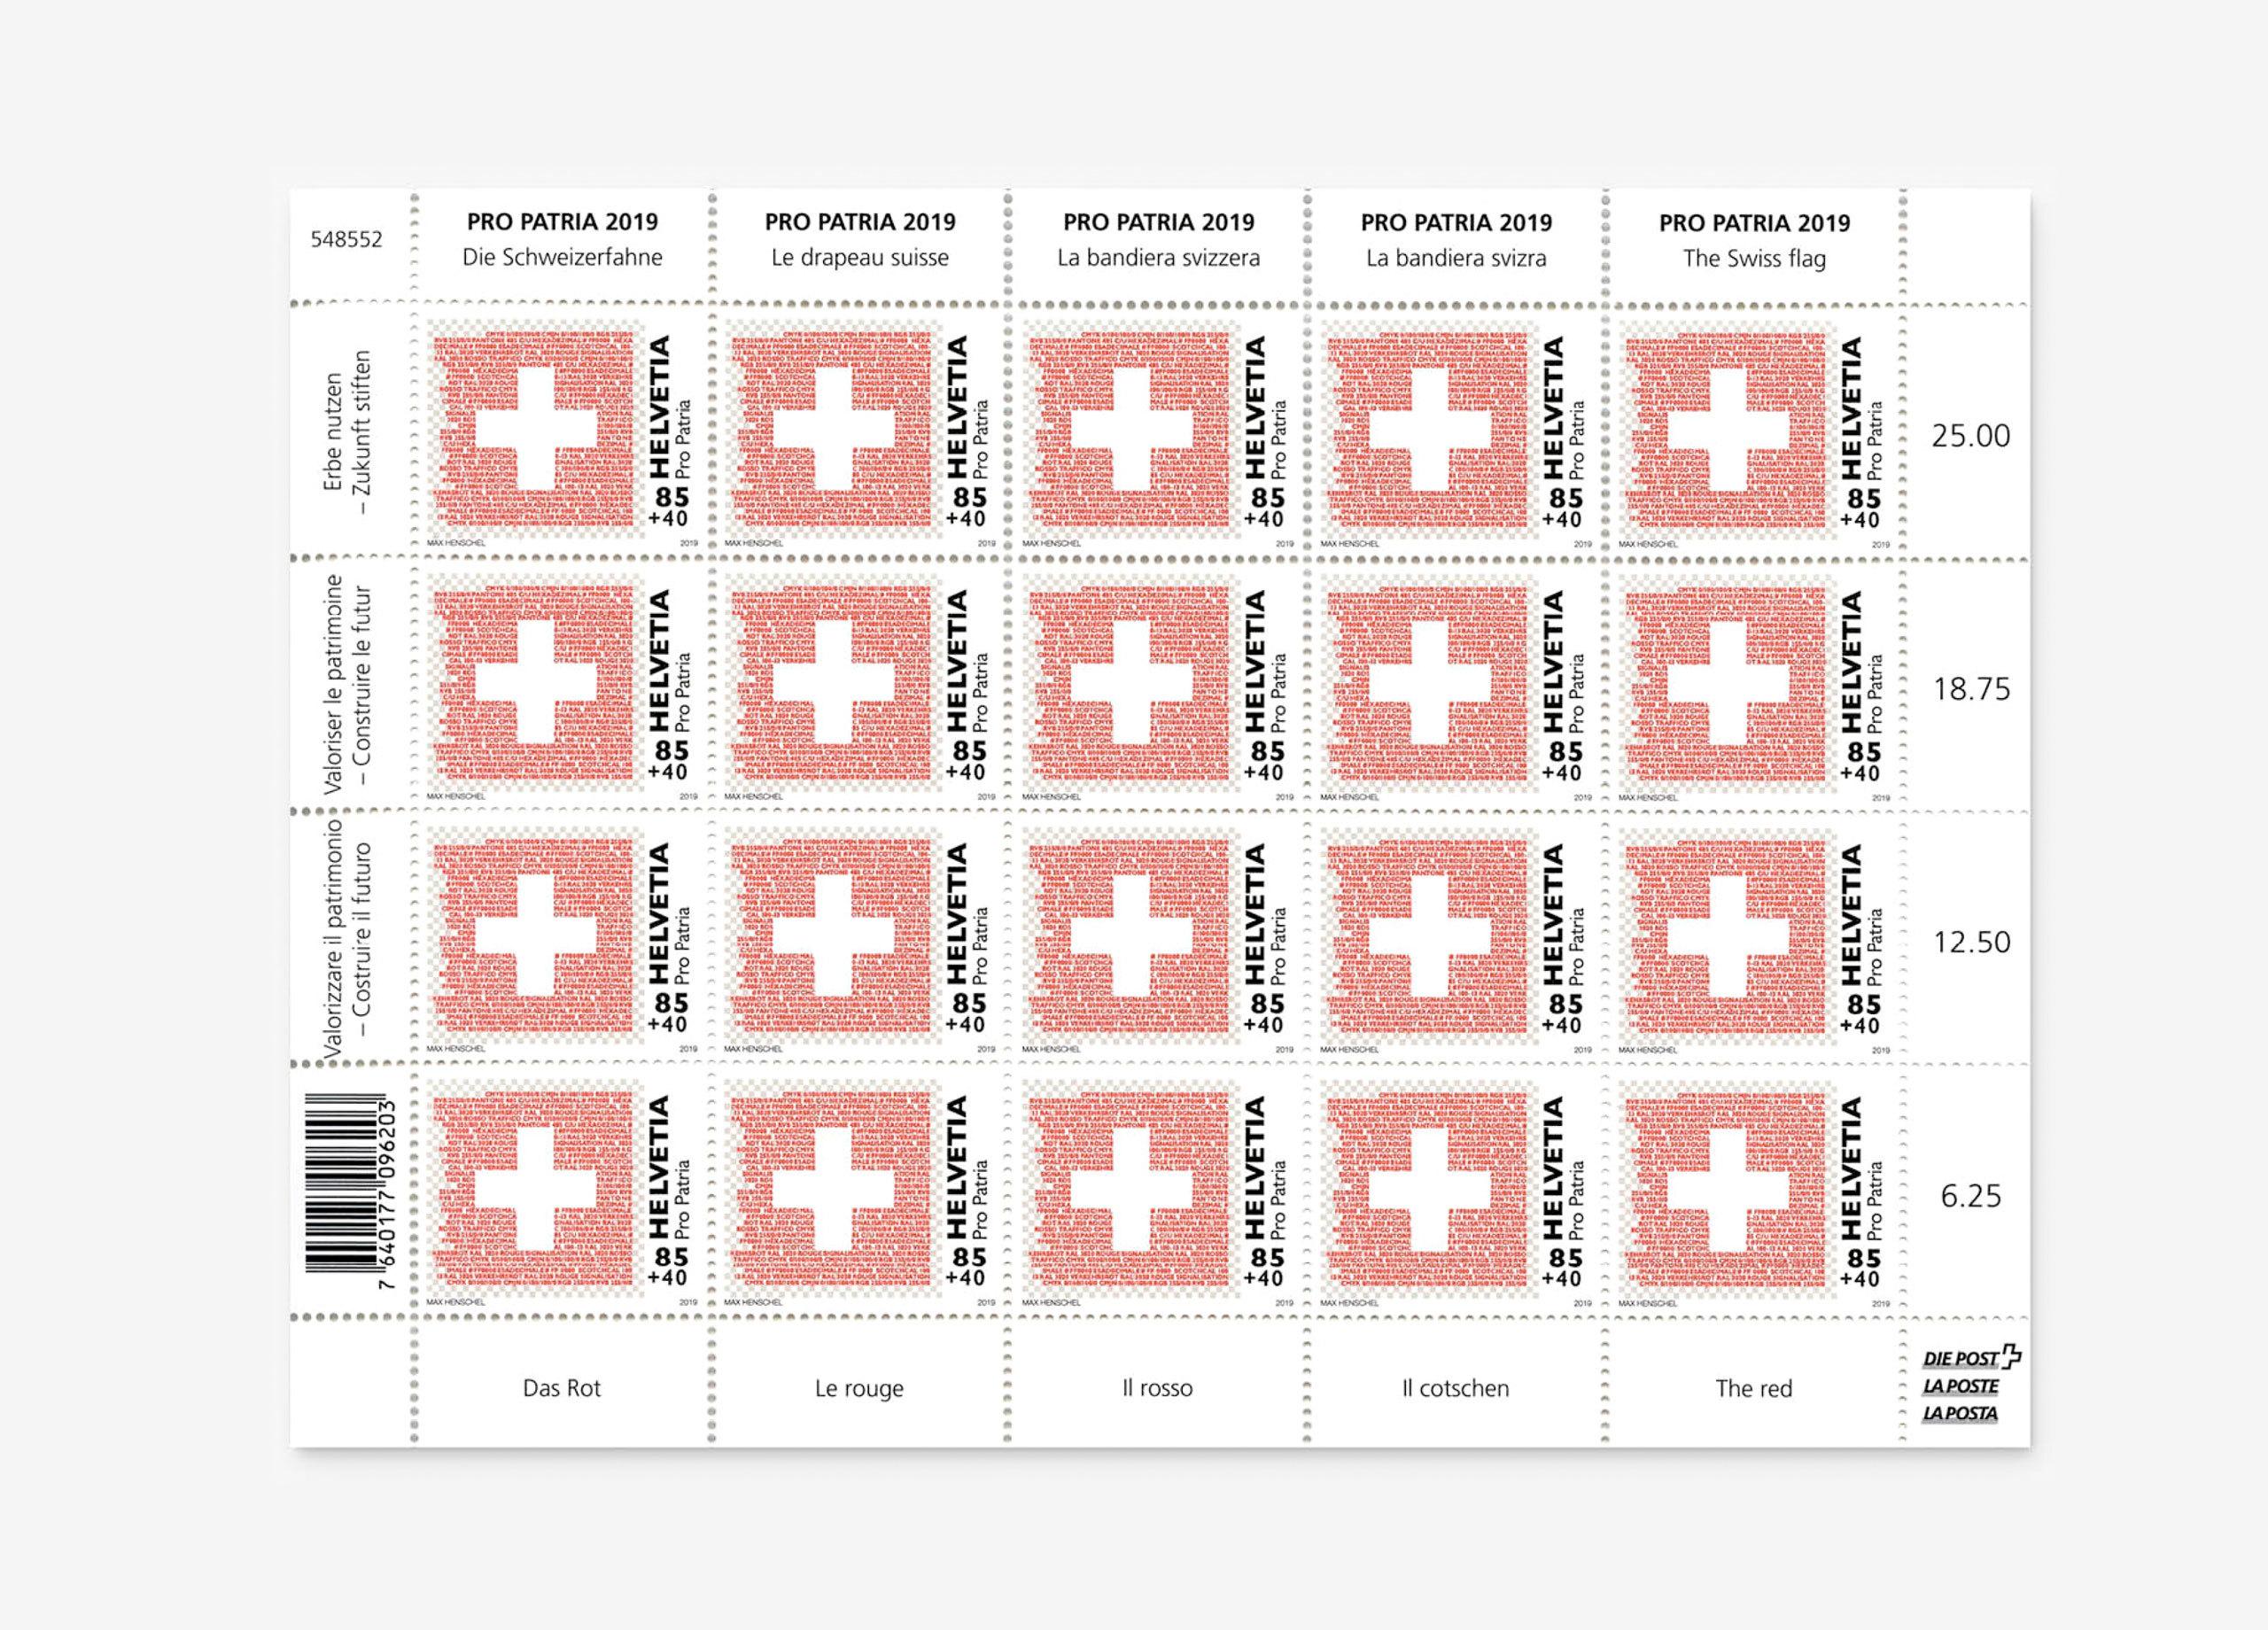 Propatria Briefmarke Schweizer Flagge 06 MHG Bern